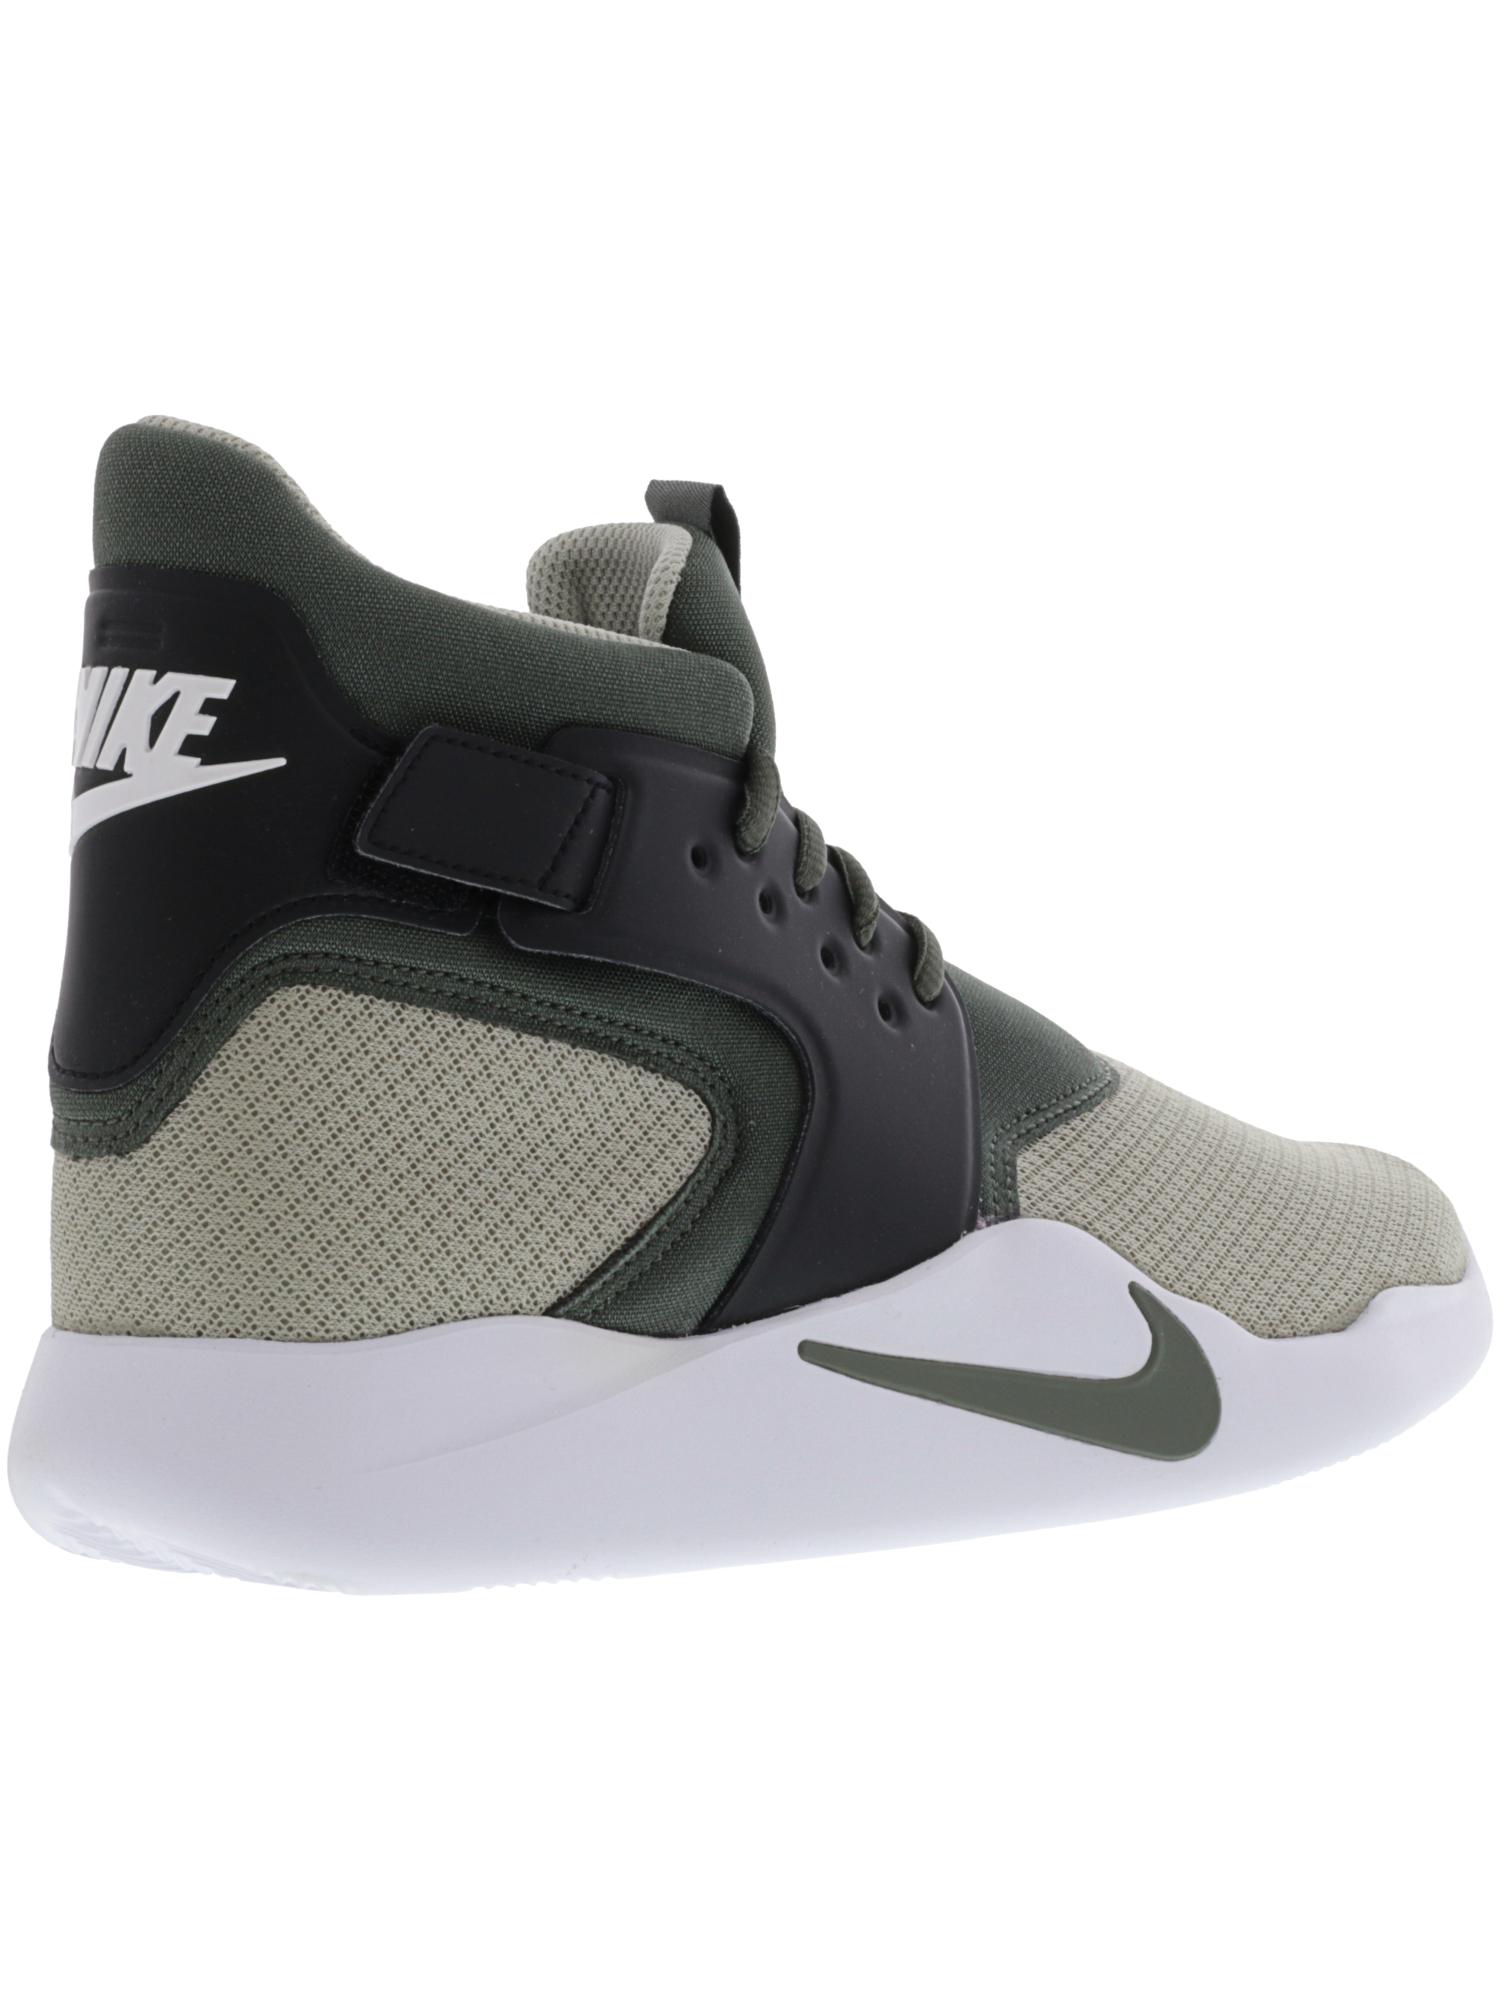 Nike di uomini incursione di Nike metà alta scarpa di basket d33e2b